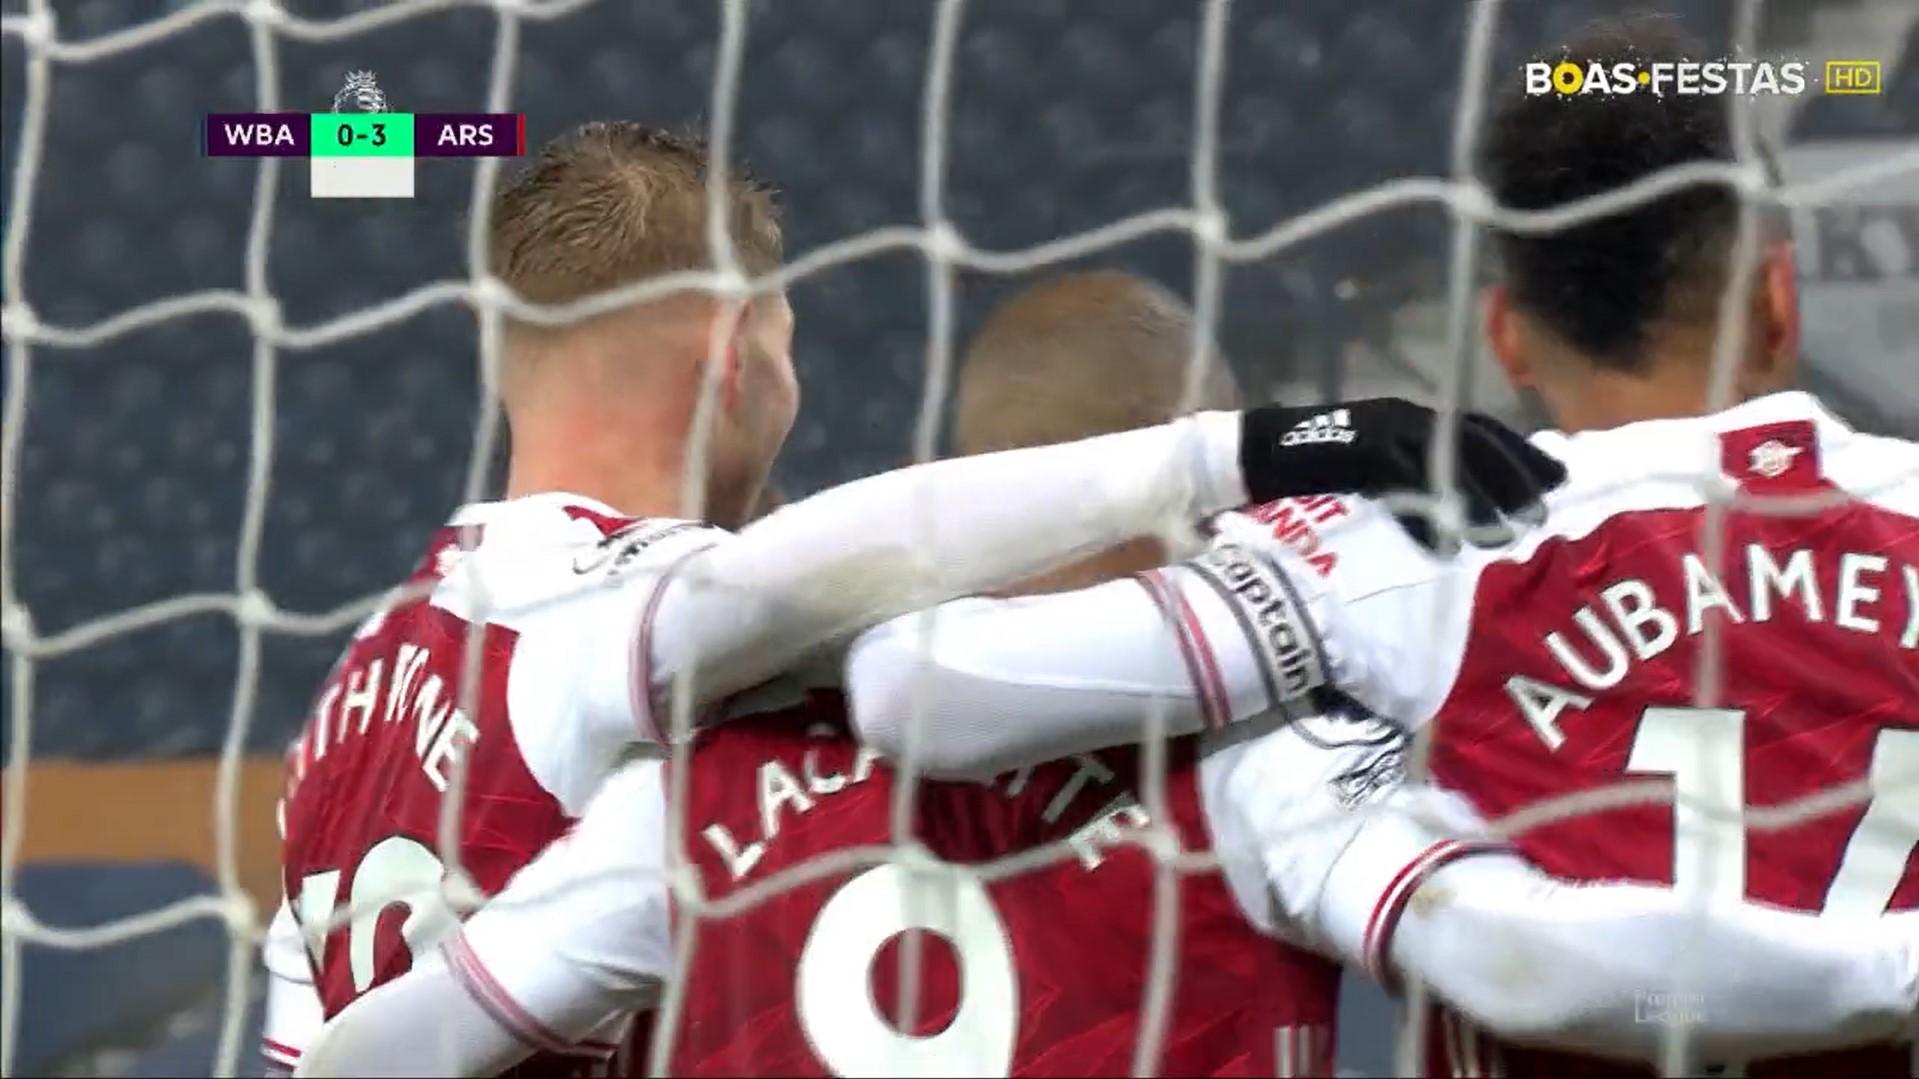 Premier League (17ª Jornada): Resumo West Bromwich Albion 0-4 Arsenal